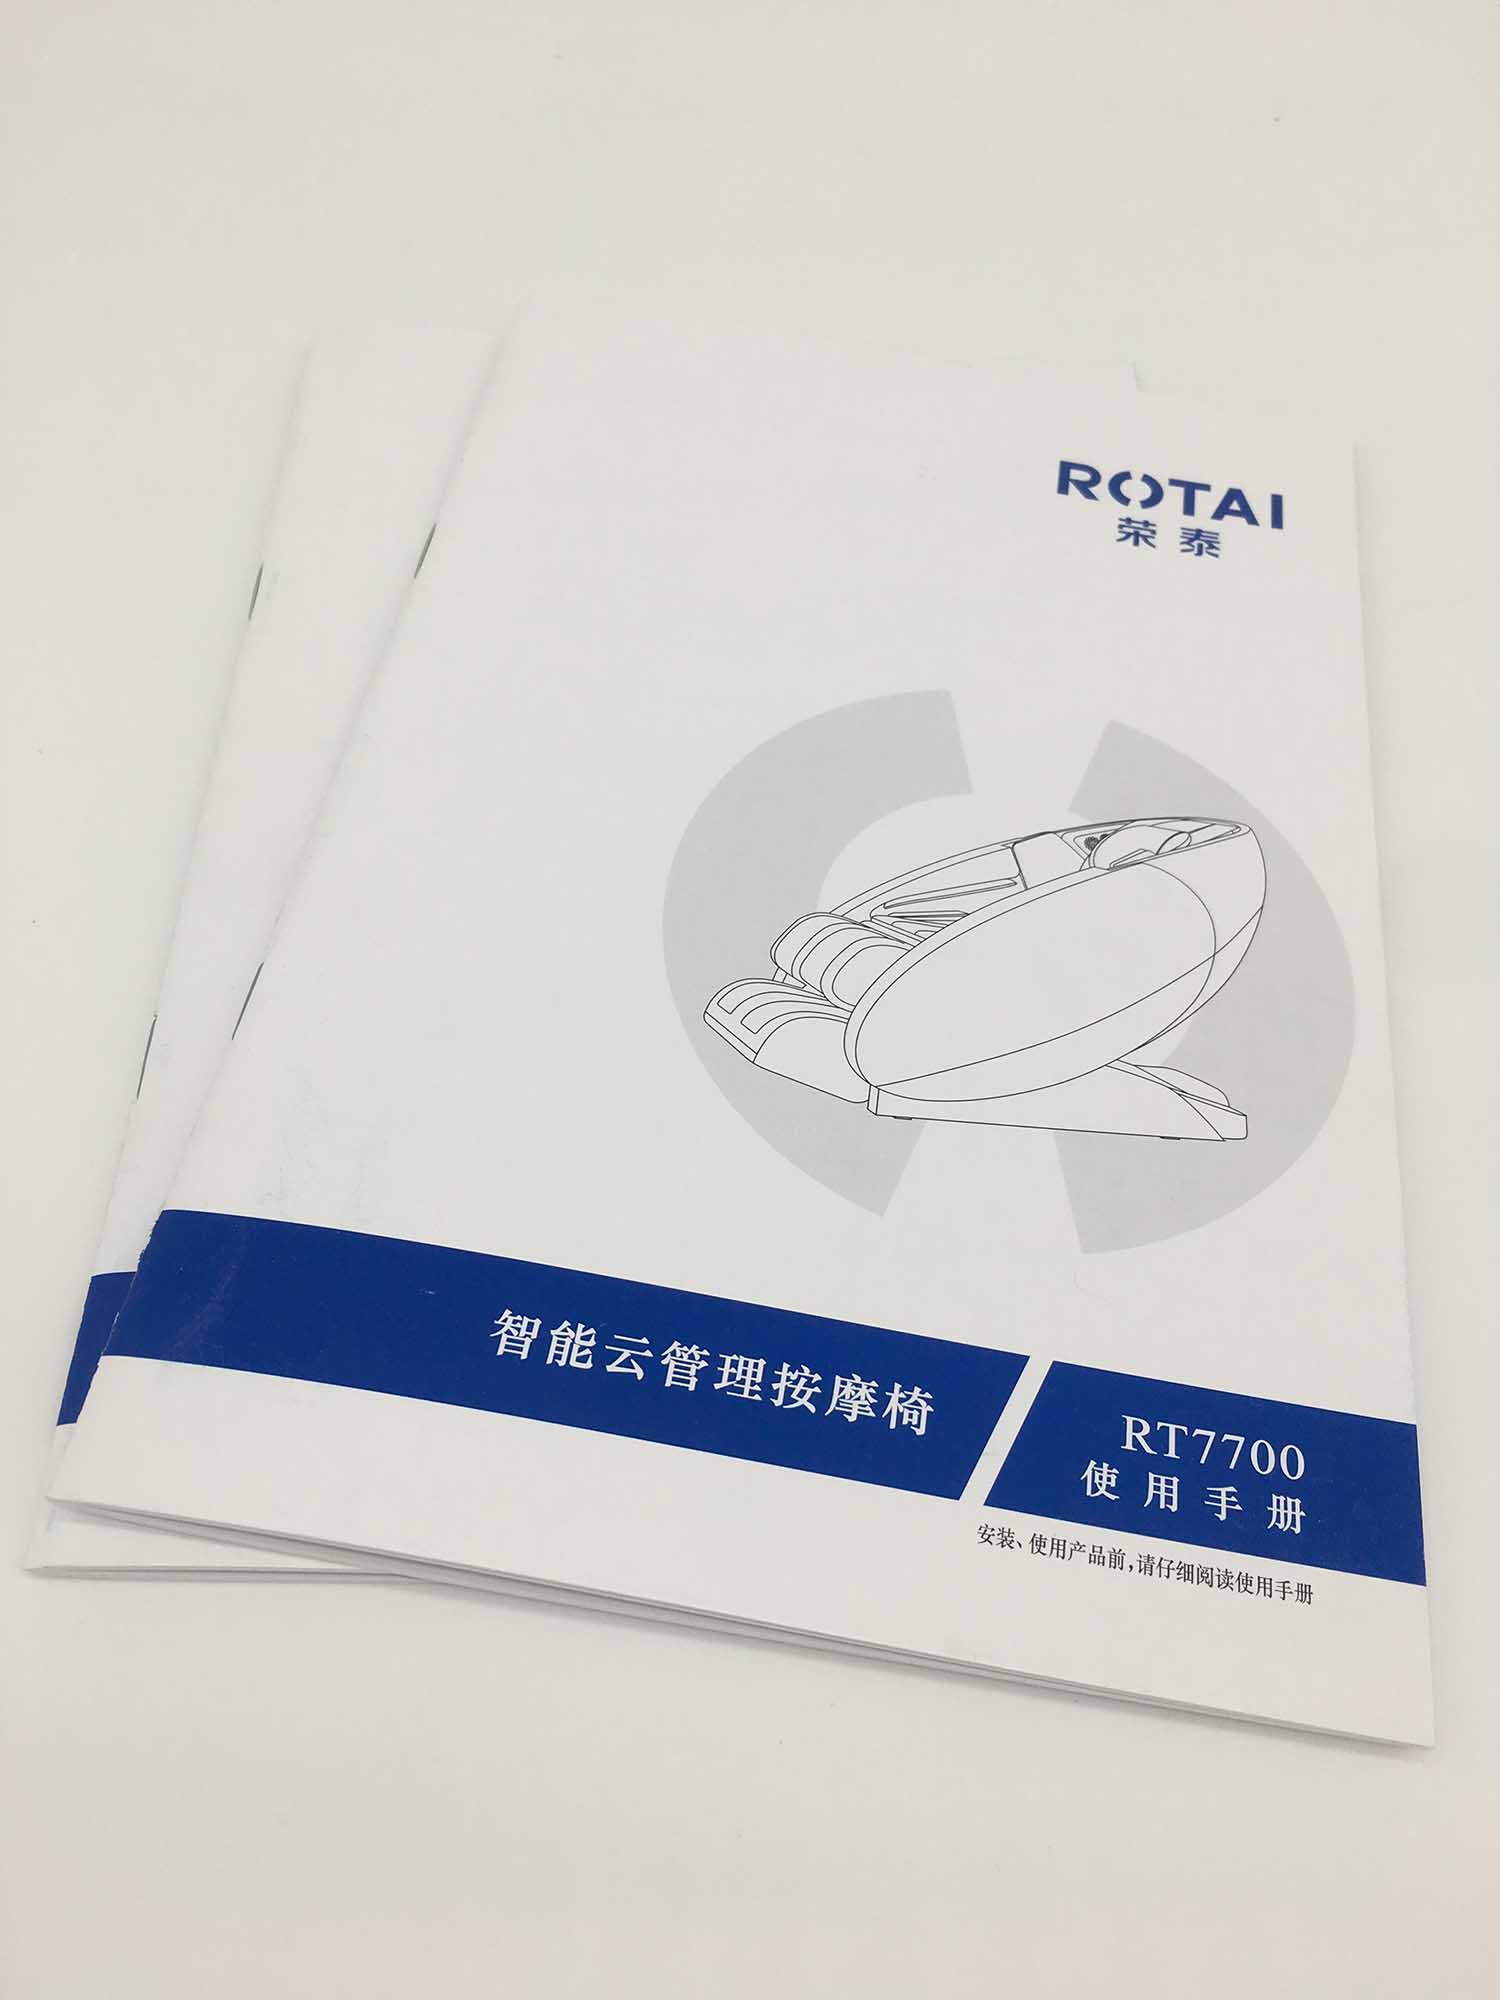 洛阳周边企业宣传册印刷设计